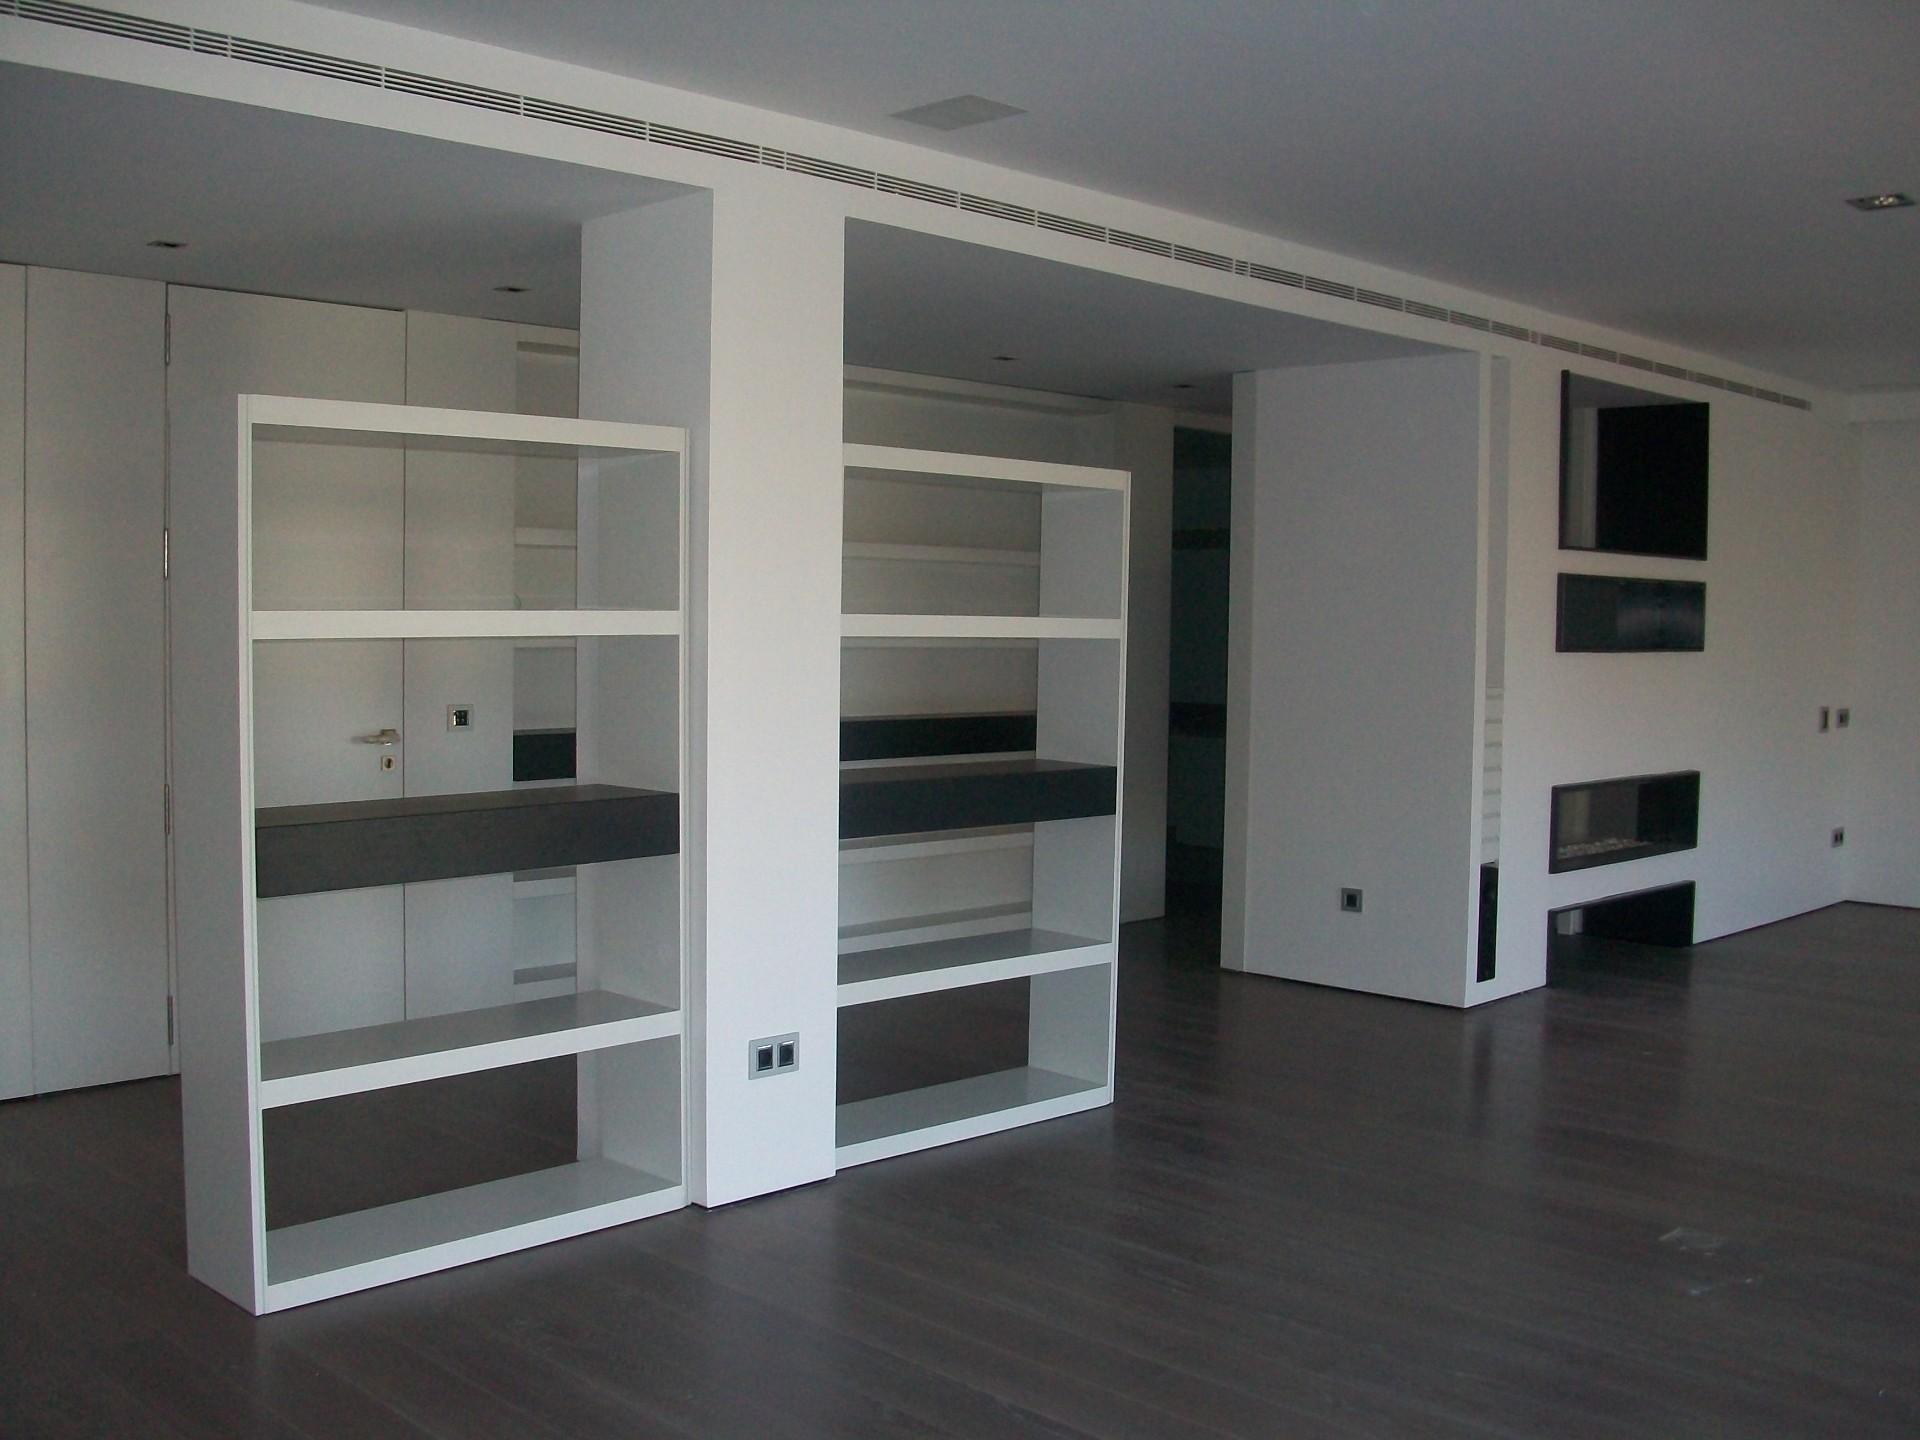 Muebles a medida en valencia fabricantes desde hace m s de 20 a os - Disenar muebles a medida ...